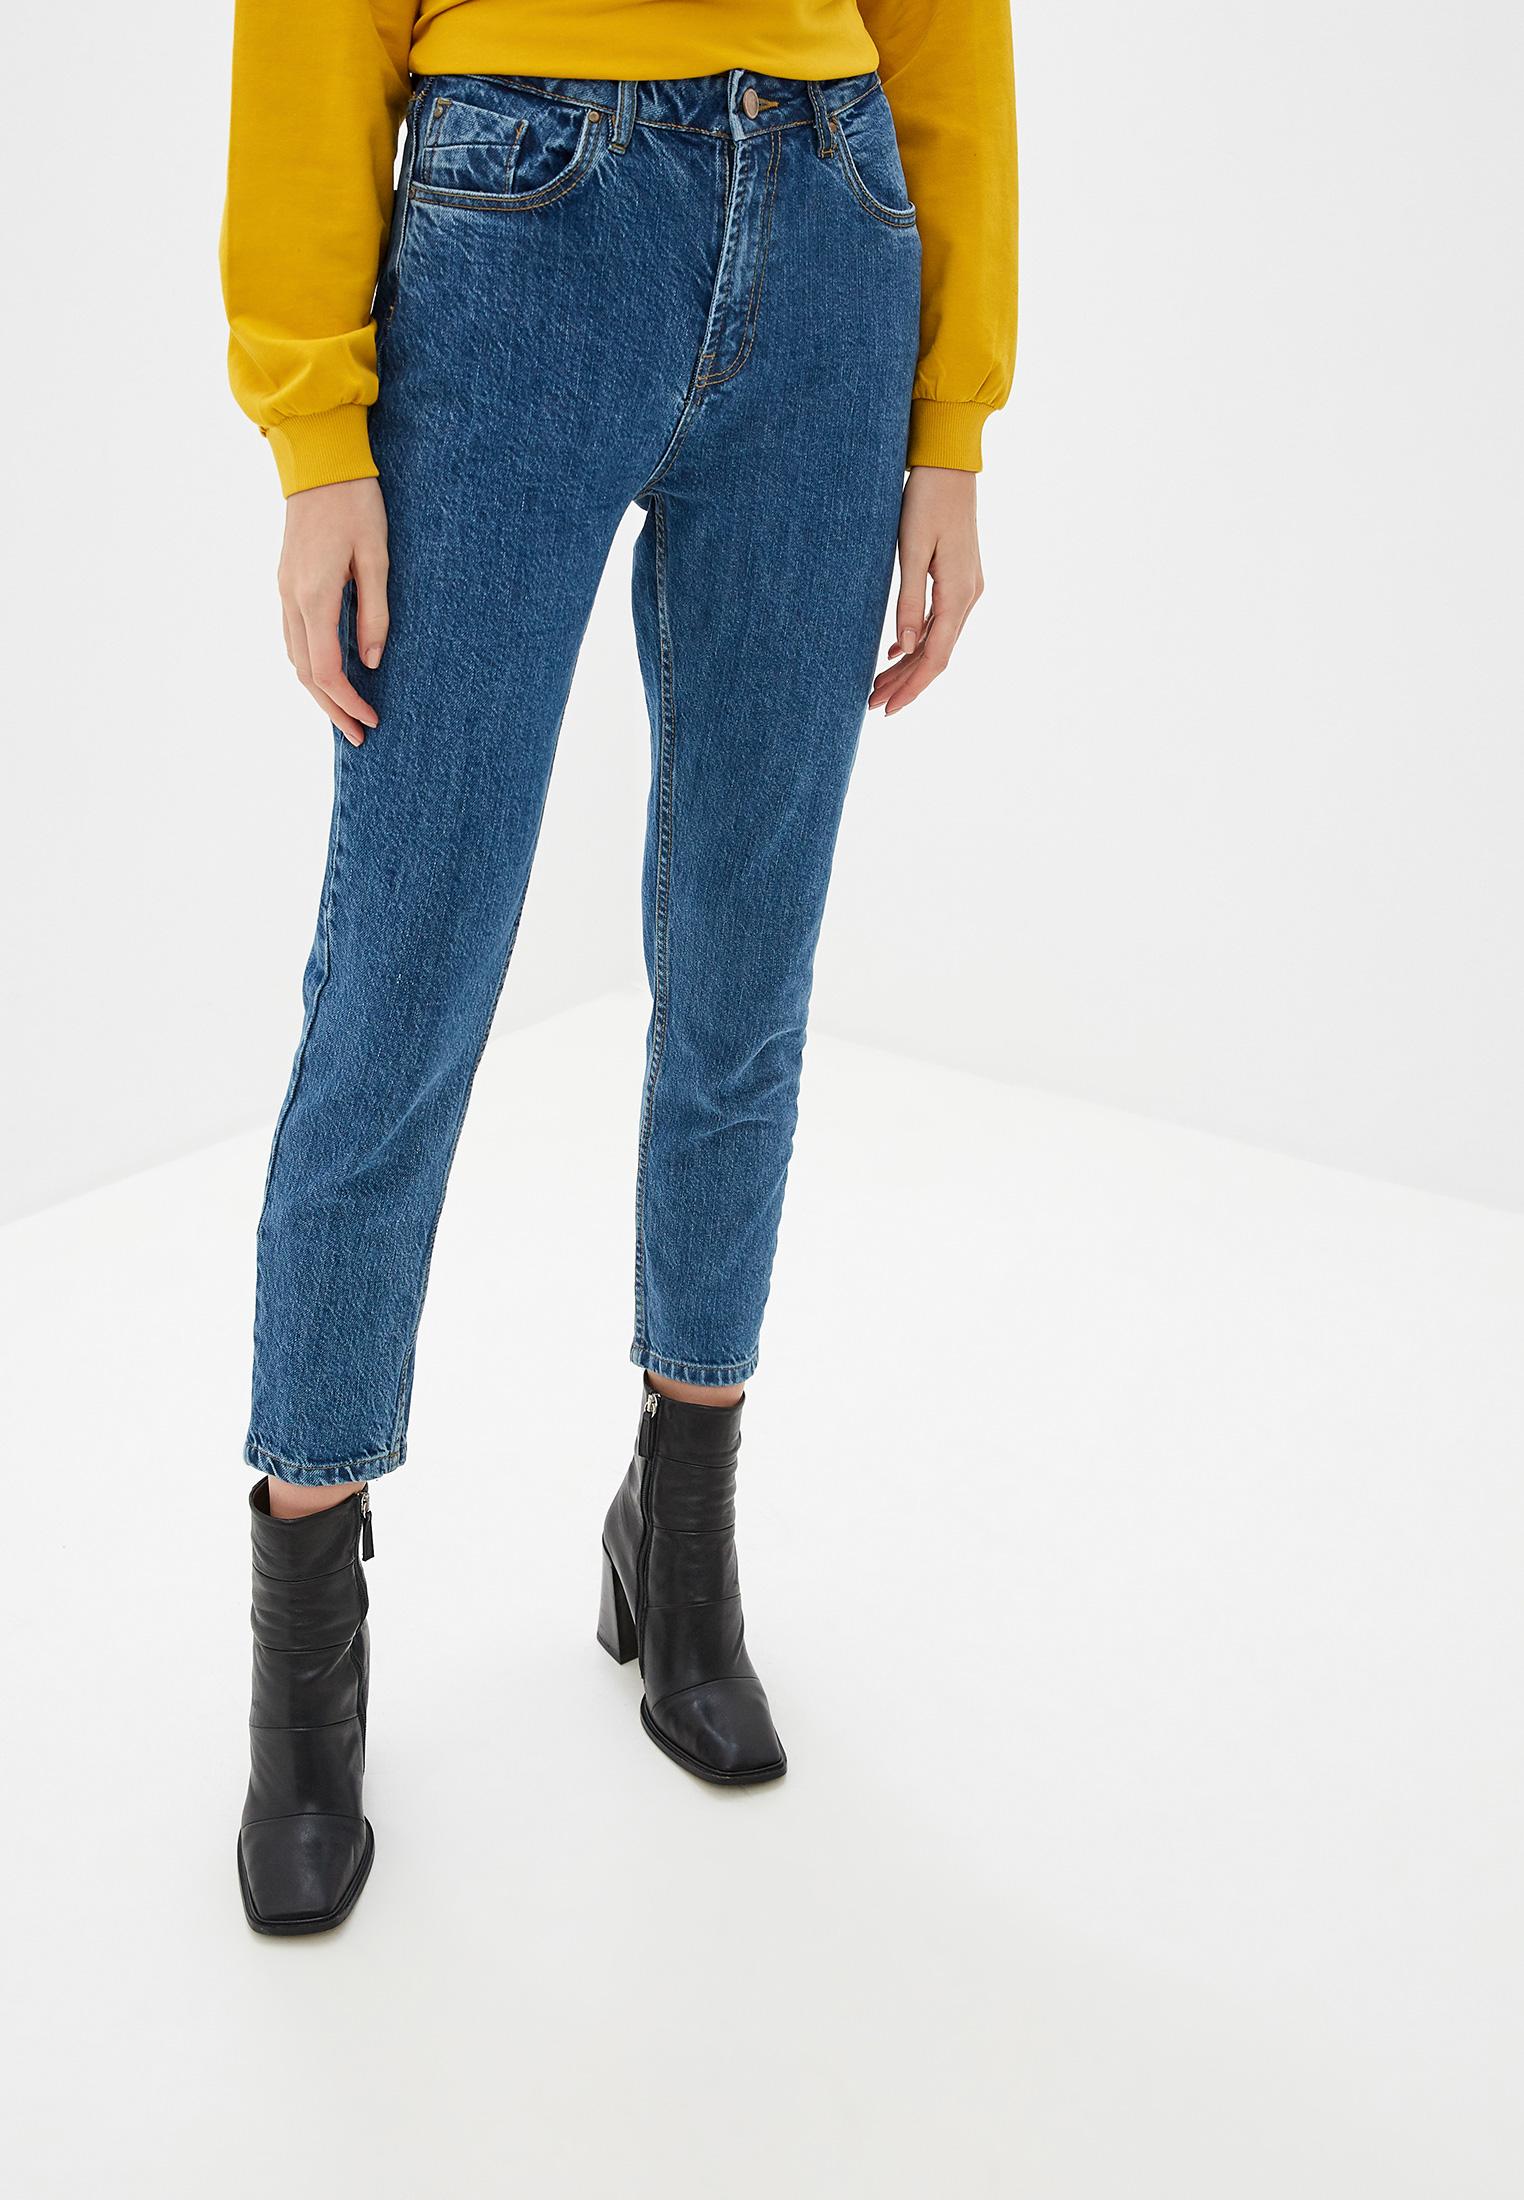 Прямые джинсы Pink Woman 3085.219